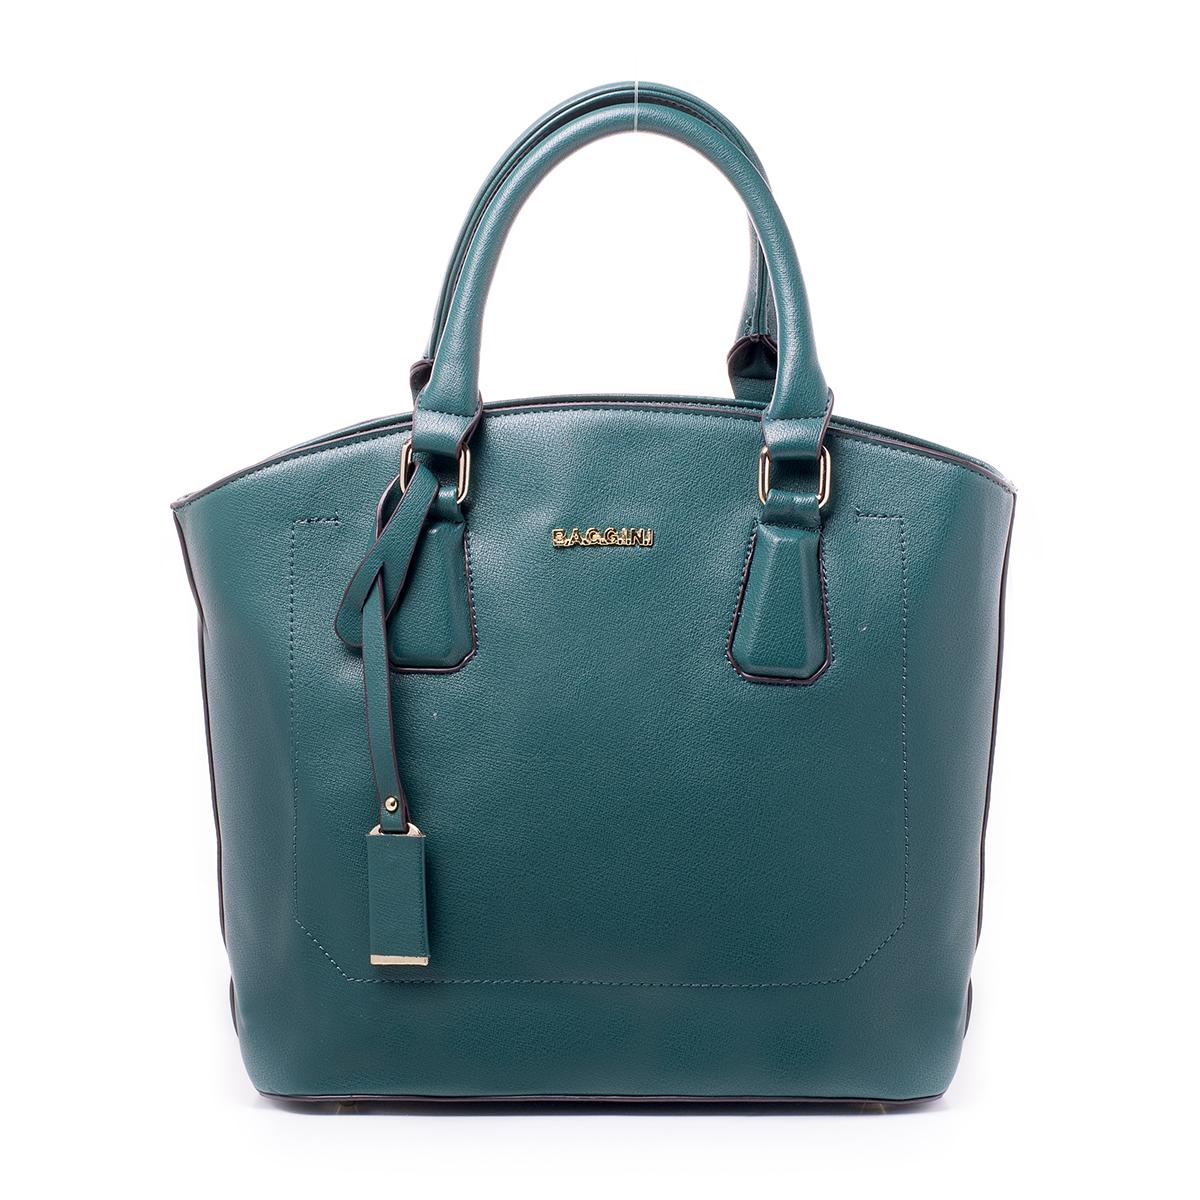 Сумка женская Baggini, цвет: темно-зеленый. 29824/5329824/53Загрязнения на изделиях удаляется влажной мягкой тканью